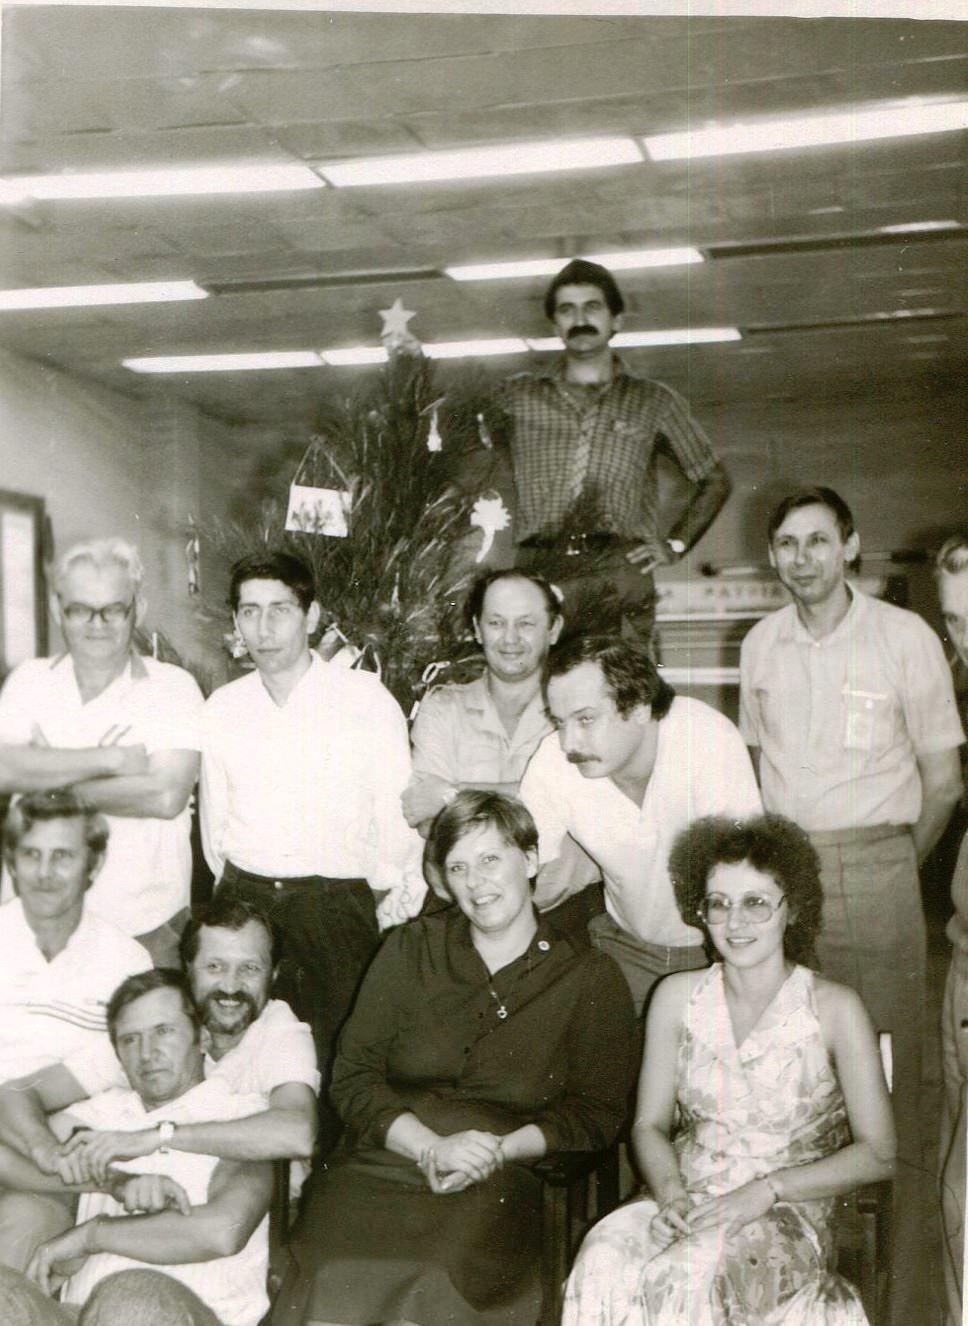 1989. Новый, 1989 год. Завод Пунта Горда. Группа Авторского надзора.